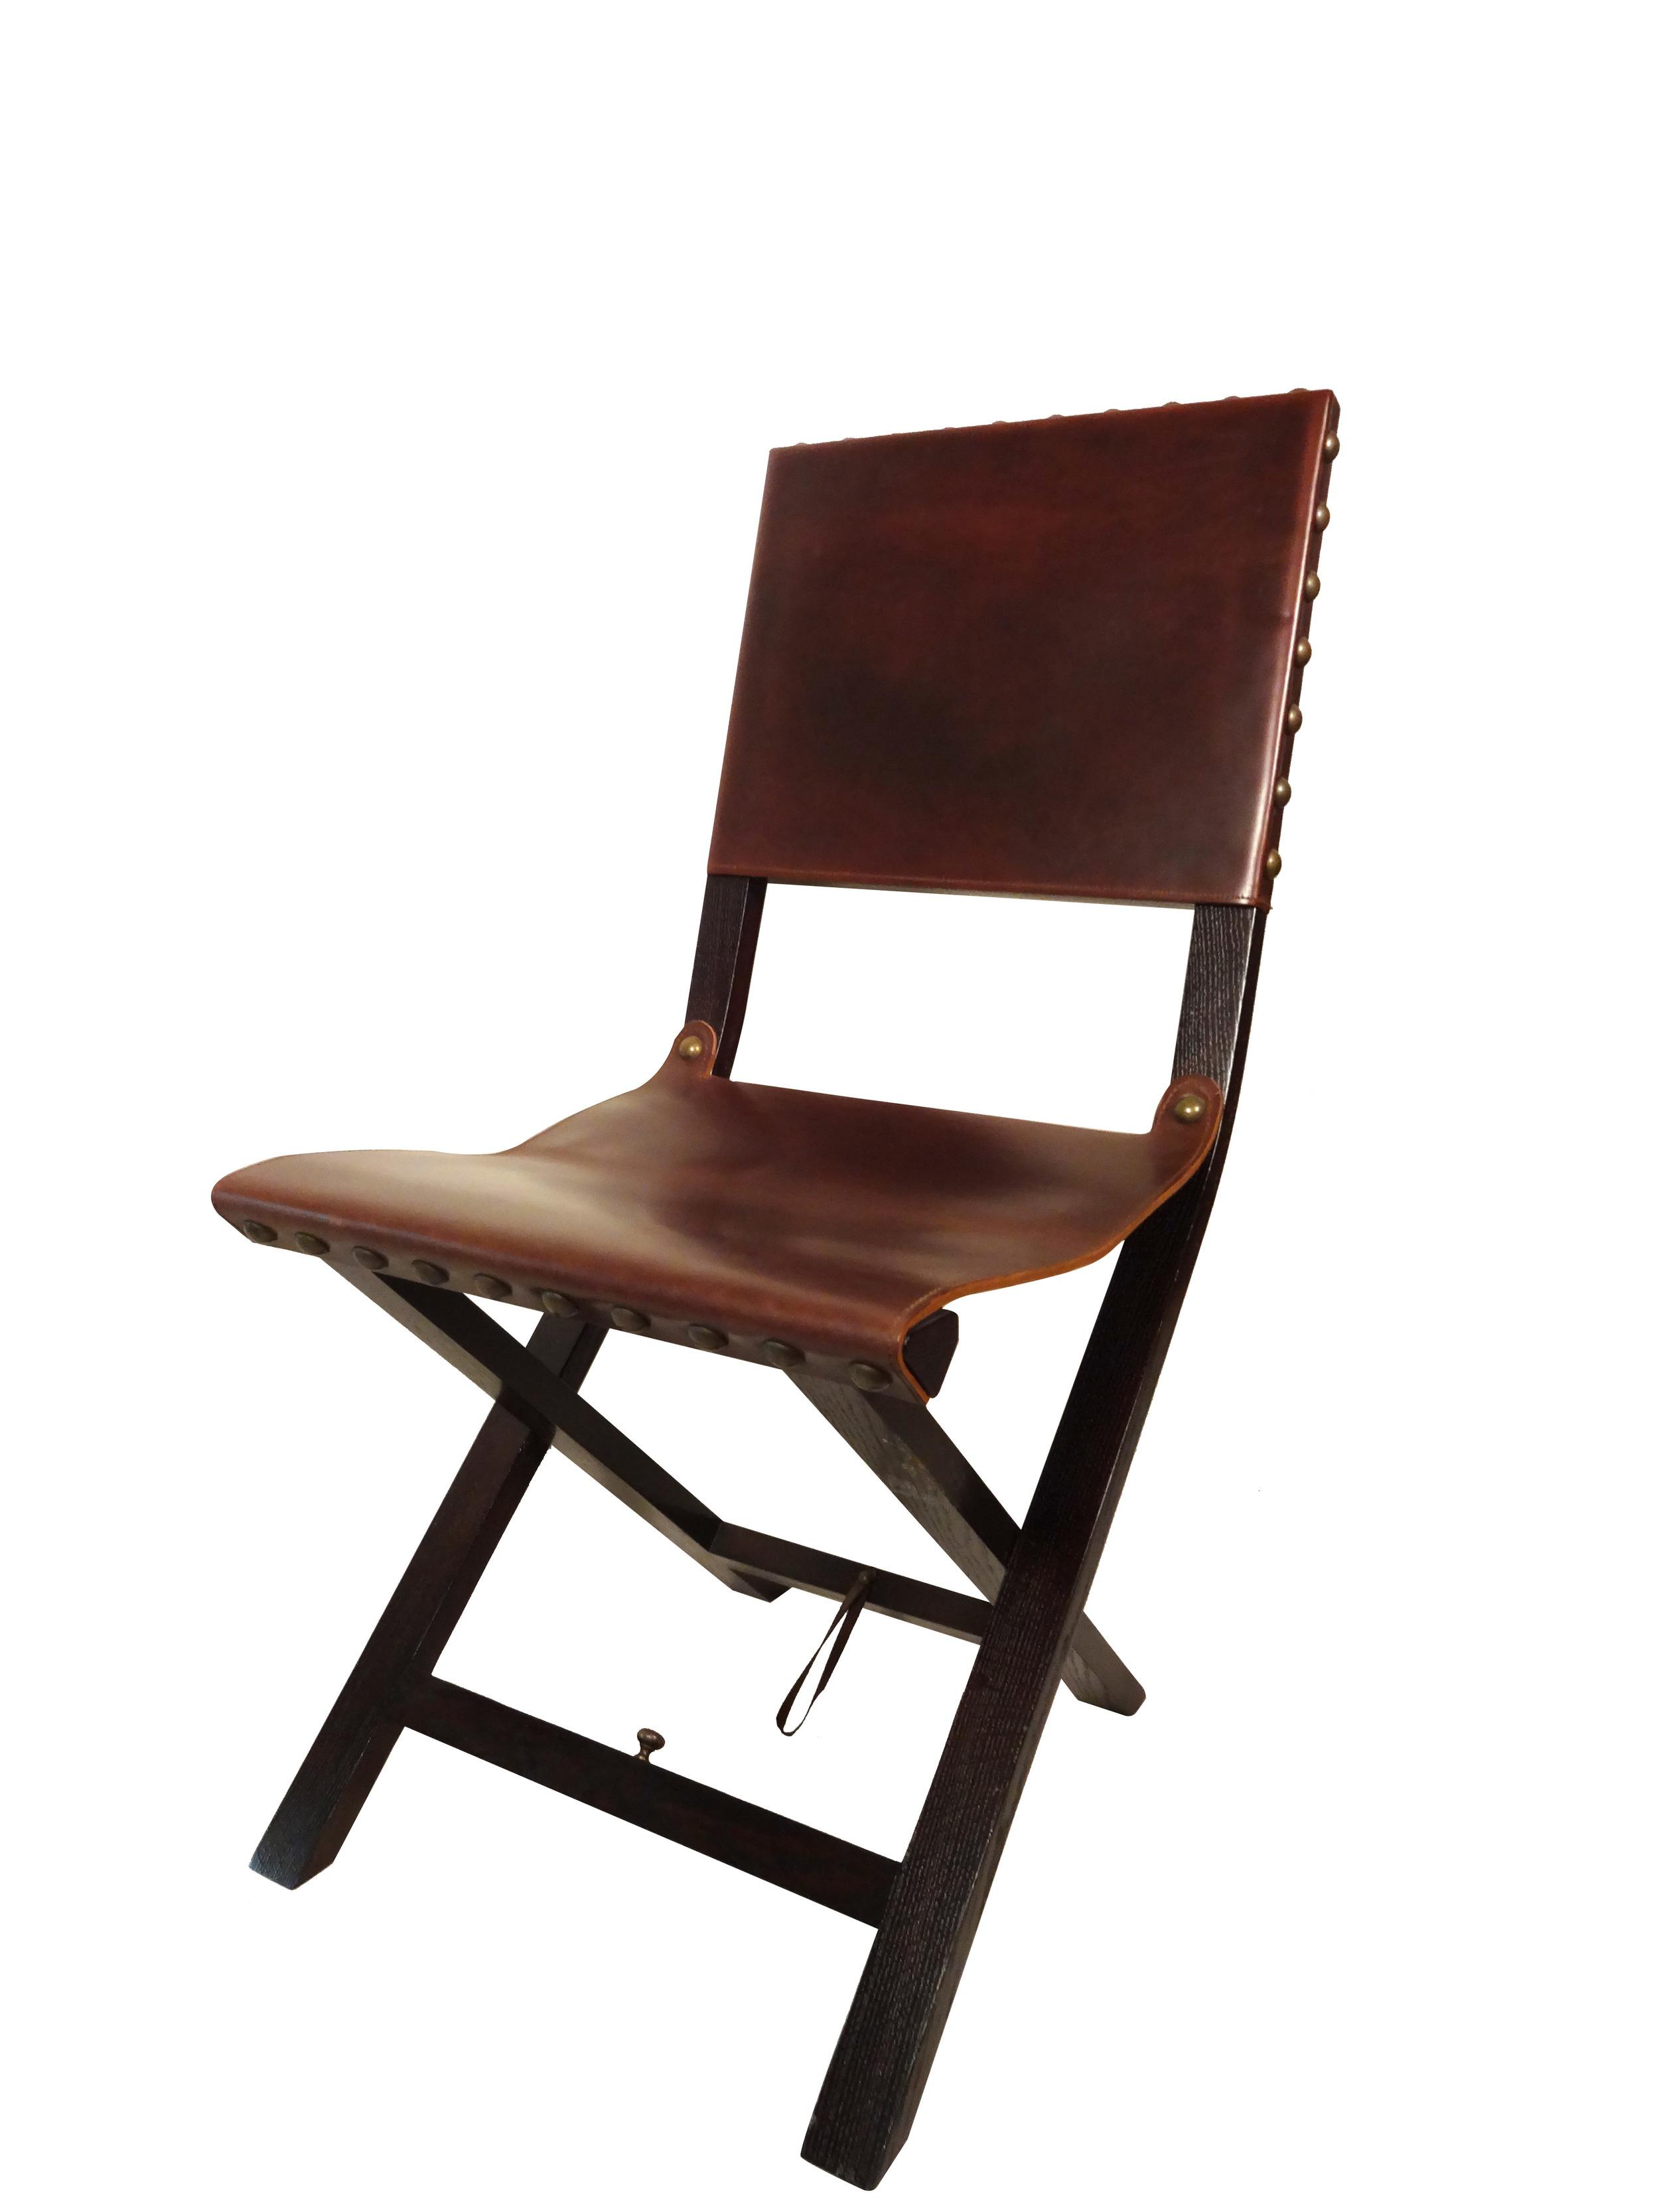 CSI Camp Chair